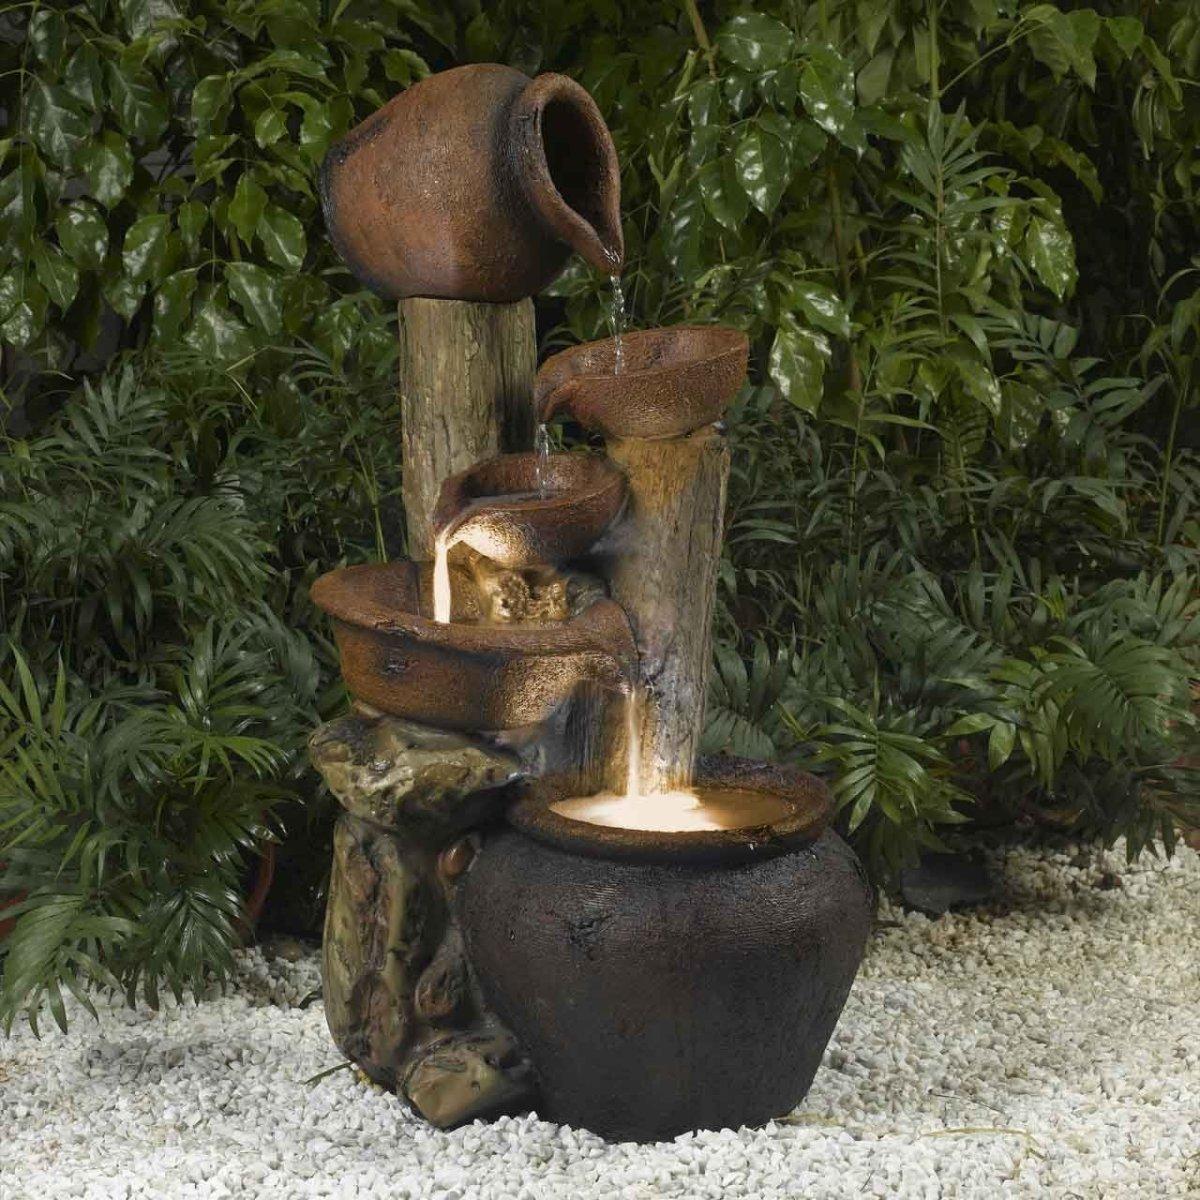 Fountain available on Amazon.com